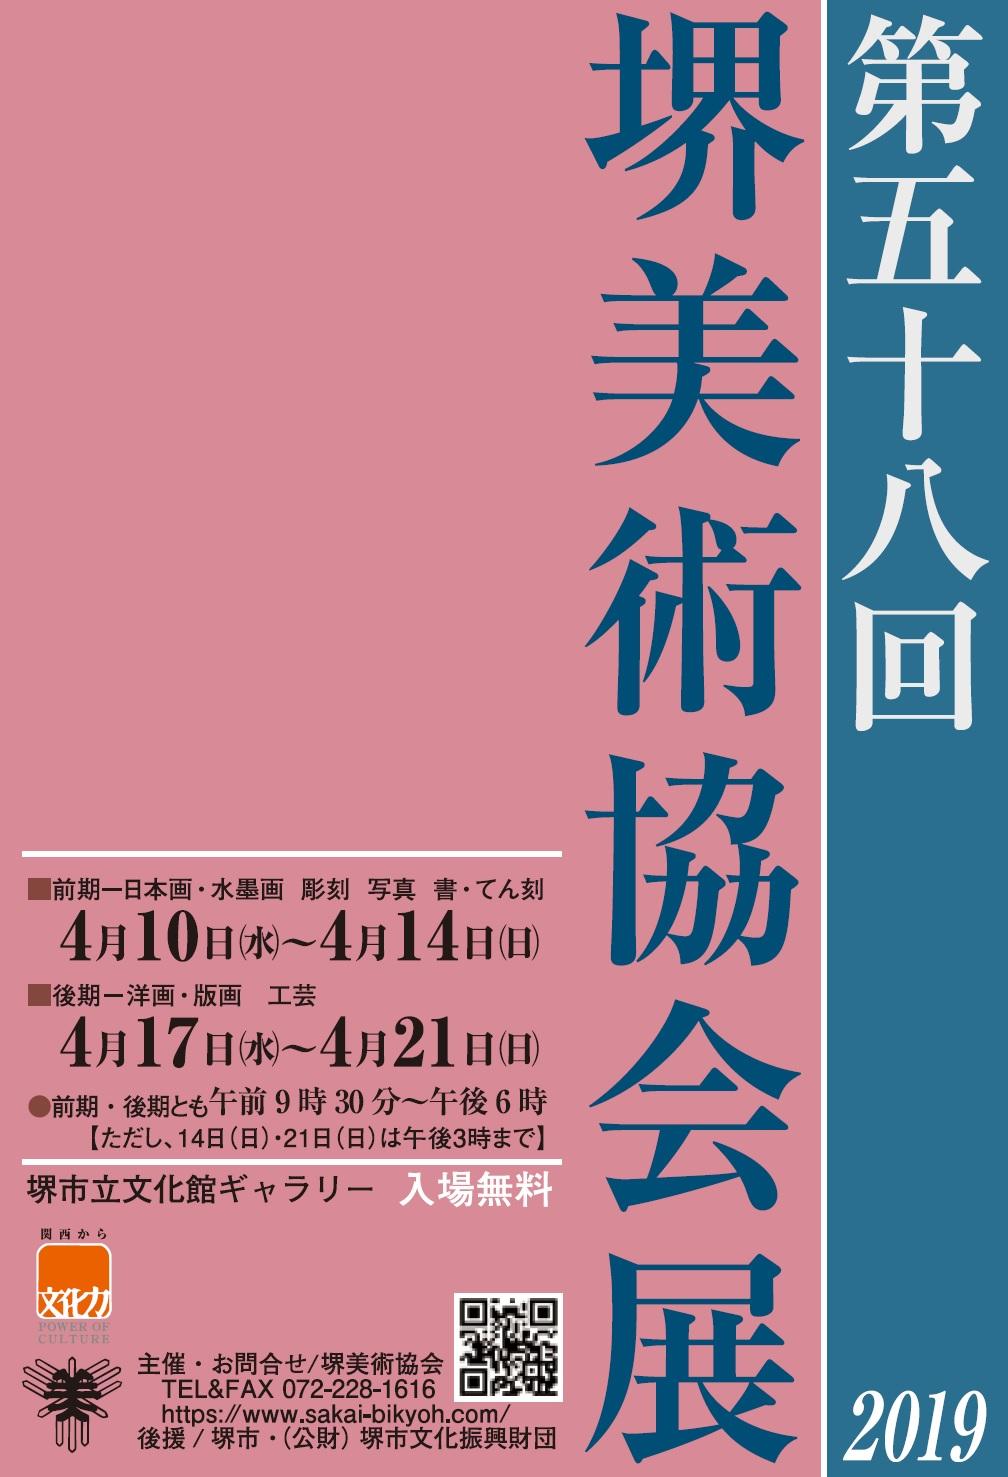 第58回 堺美術協会展